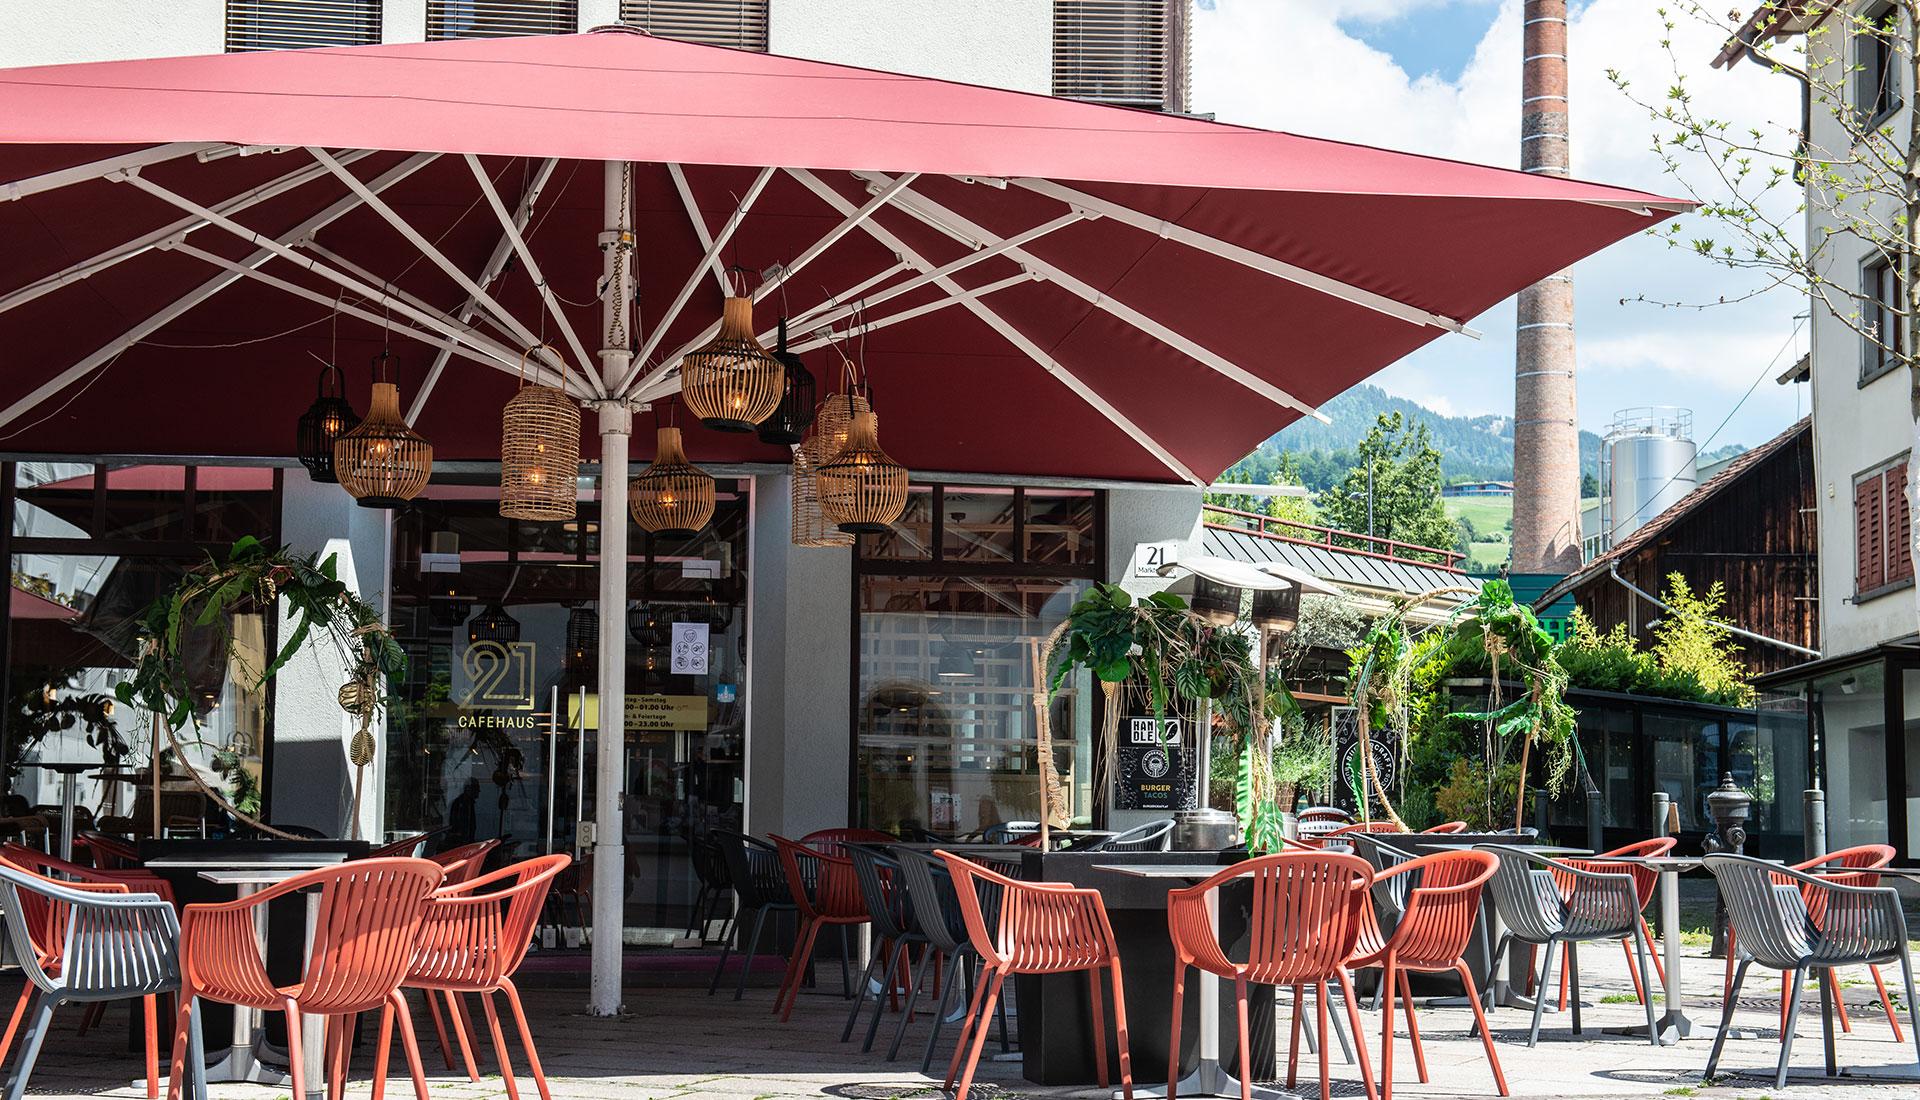 Cafe 21 von Außen